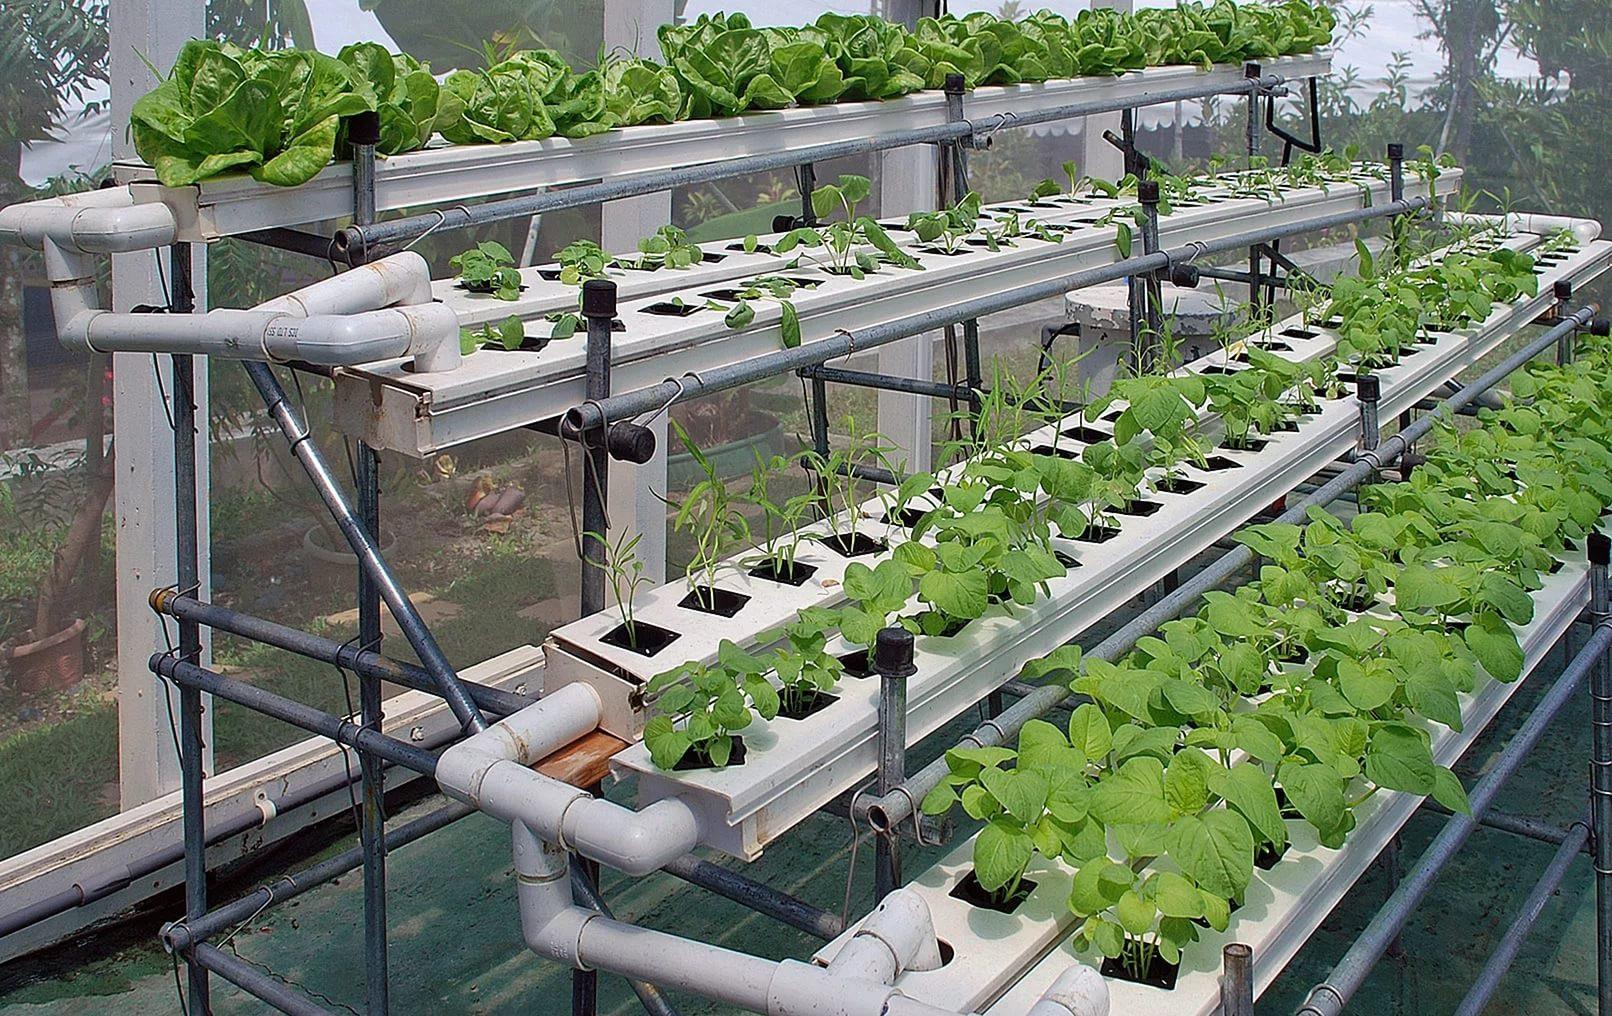 инструкция по выращиванию гидропонным методом клубники фото